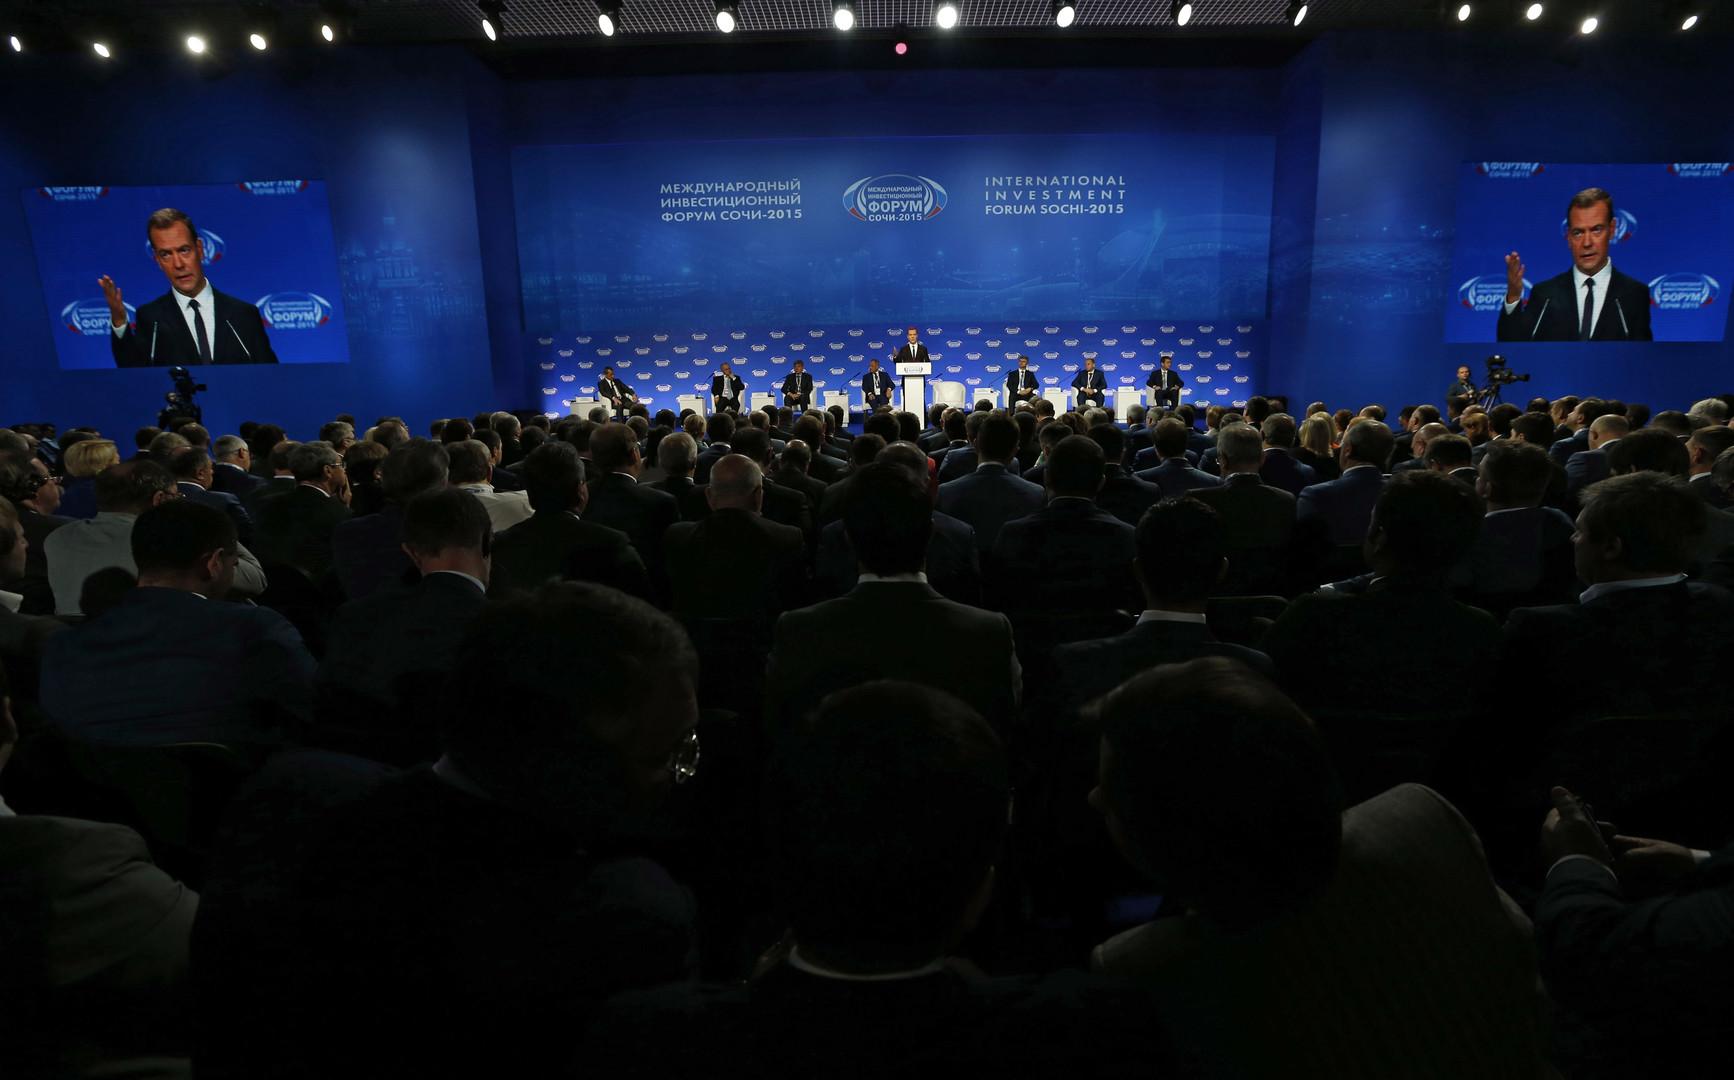 Инвестфорум «Сочи-2016»: как бизнес и власть будут стимулировать экспорт